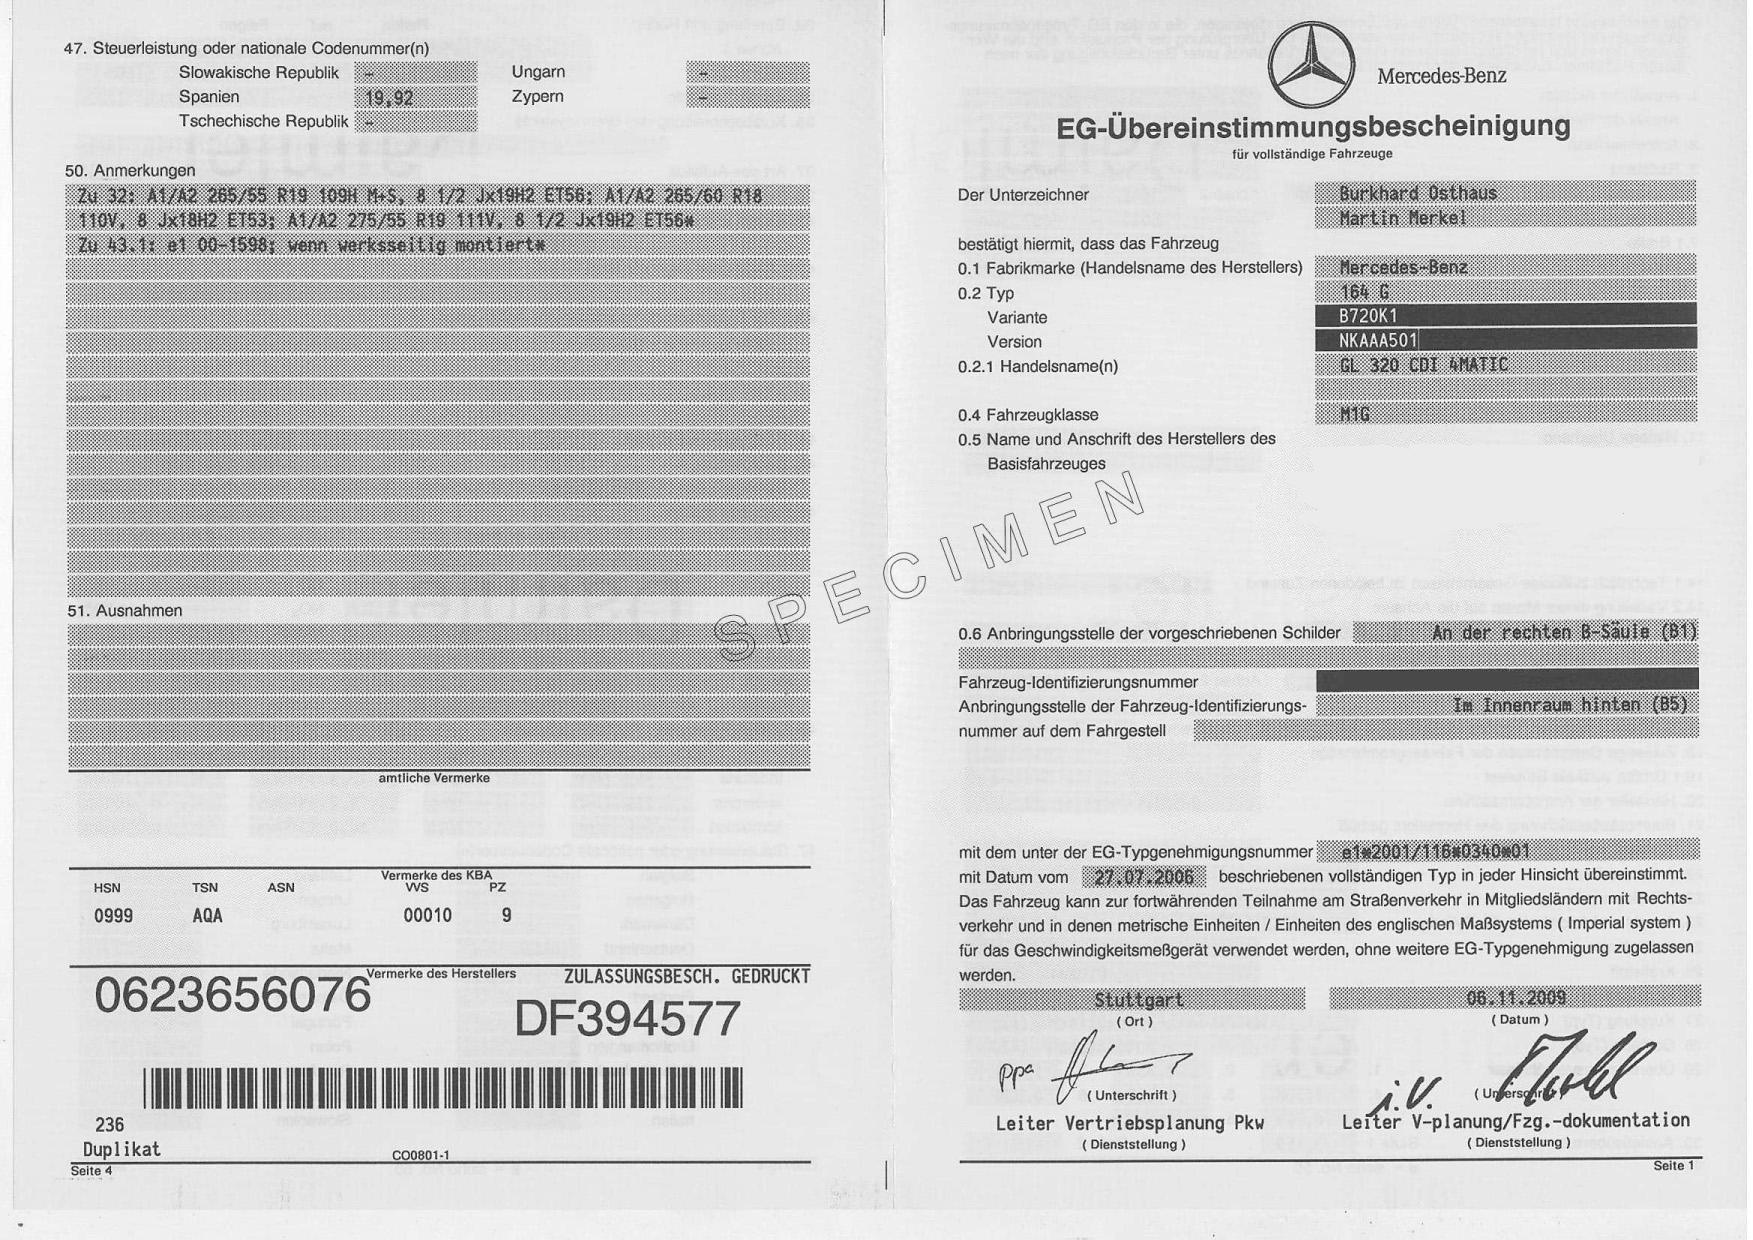 COC-Papiere Mercedes